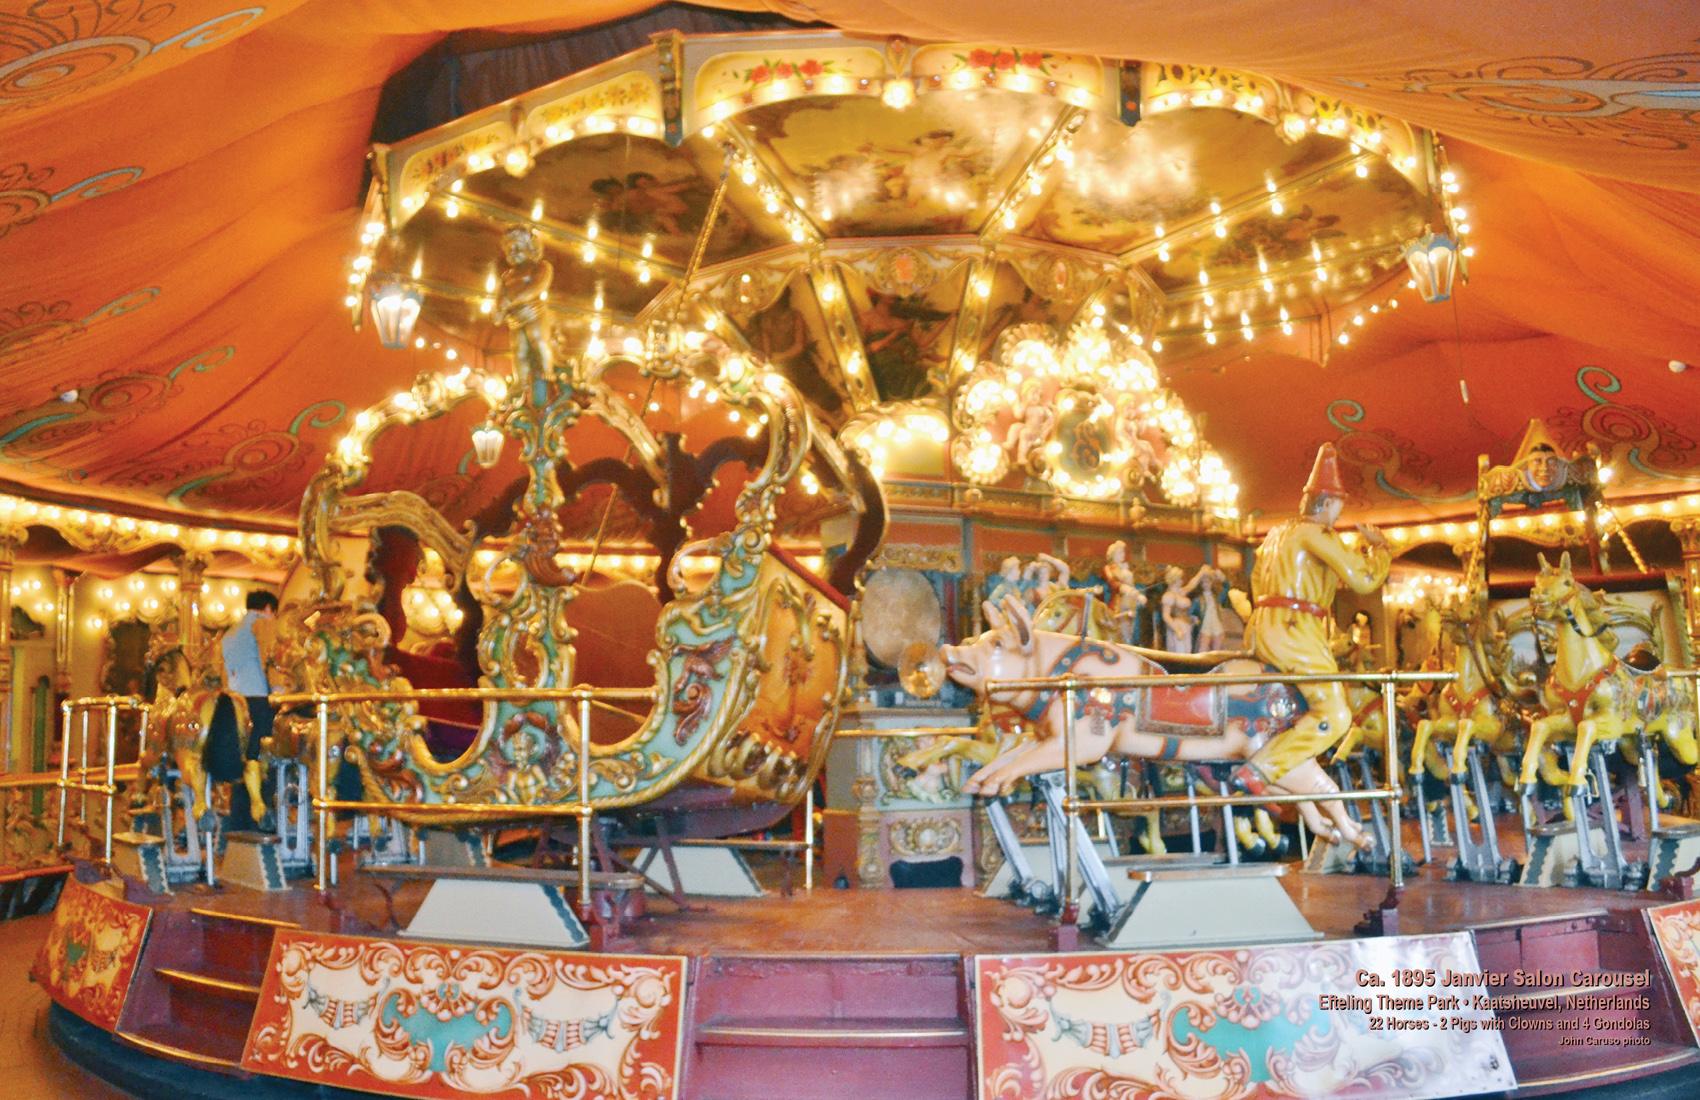 Efteling-Theme-Park-Salon-carousel-CNT-center-Aug-13